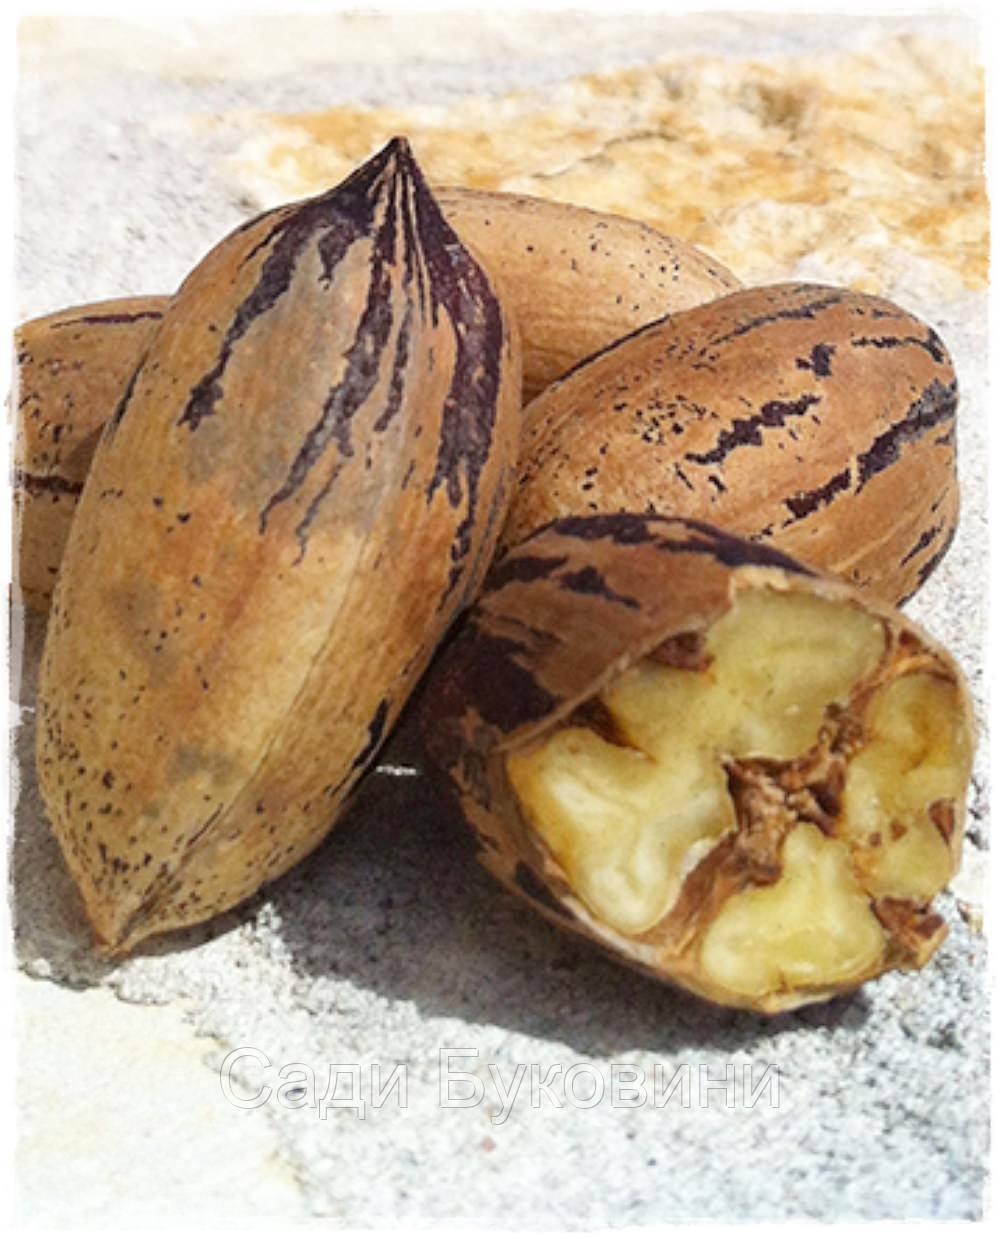 Саженцы ореха Пекан Шавния (однолетние)